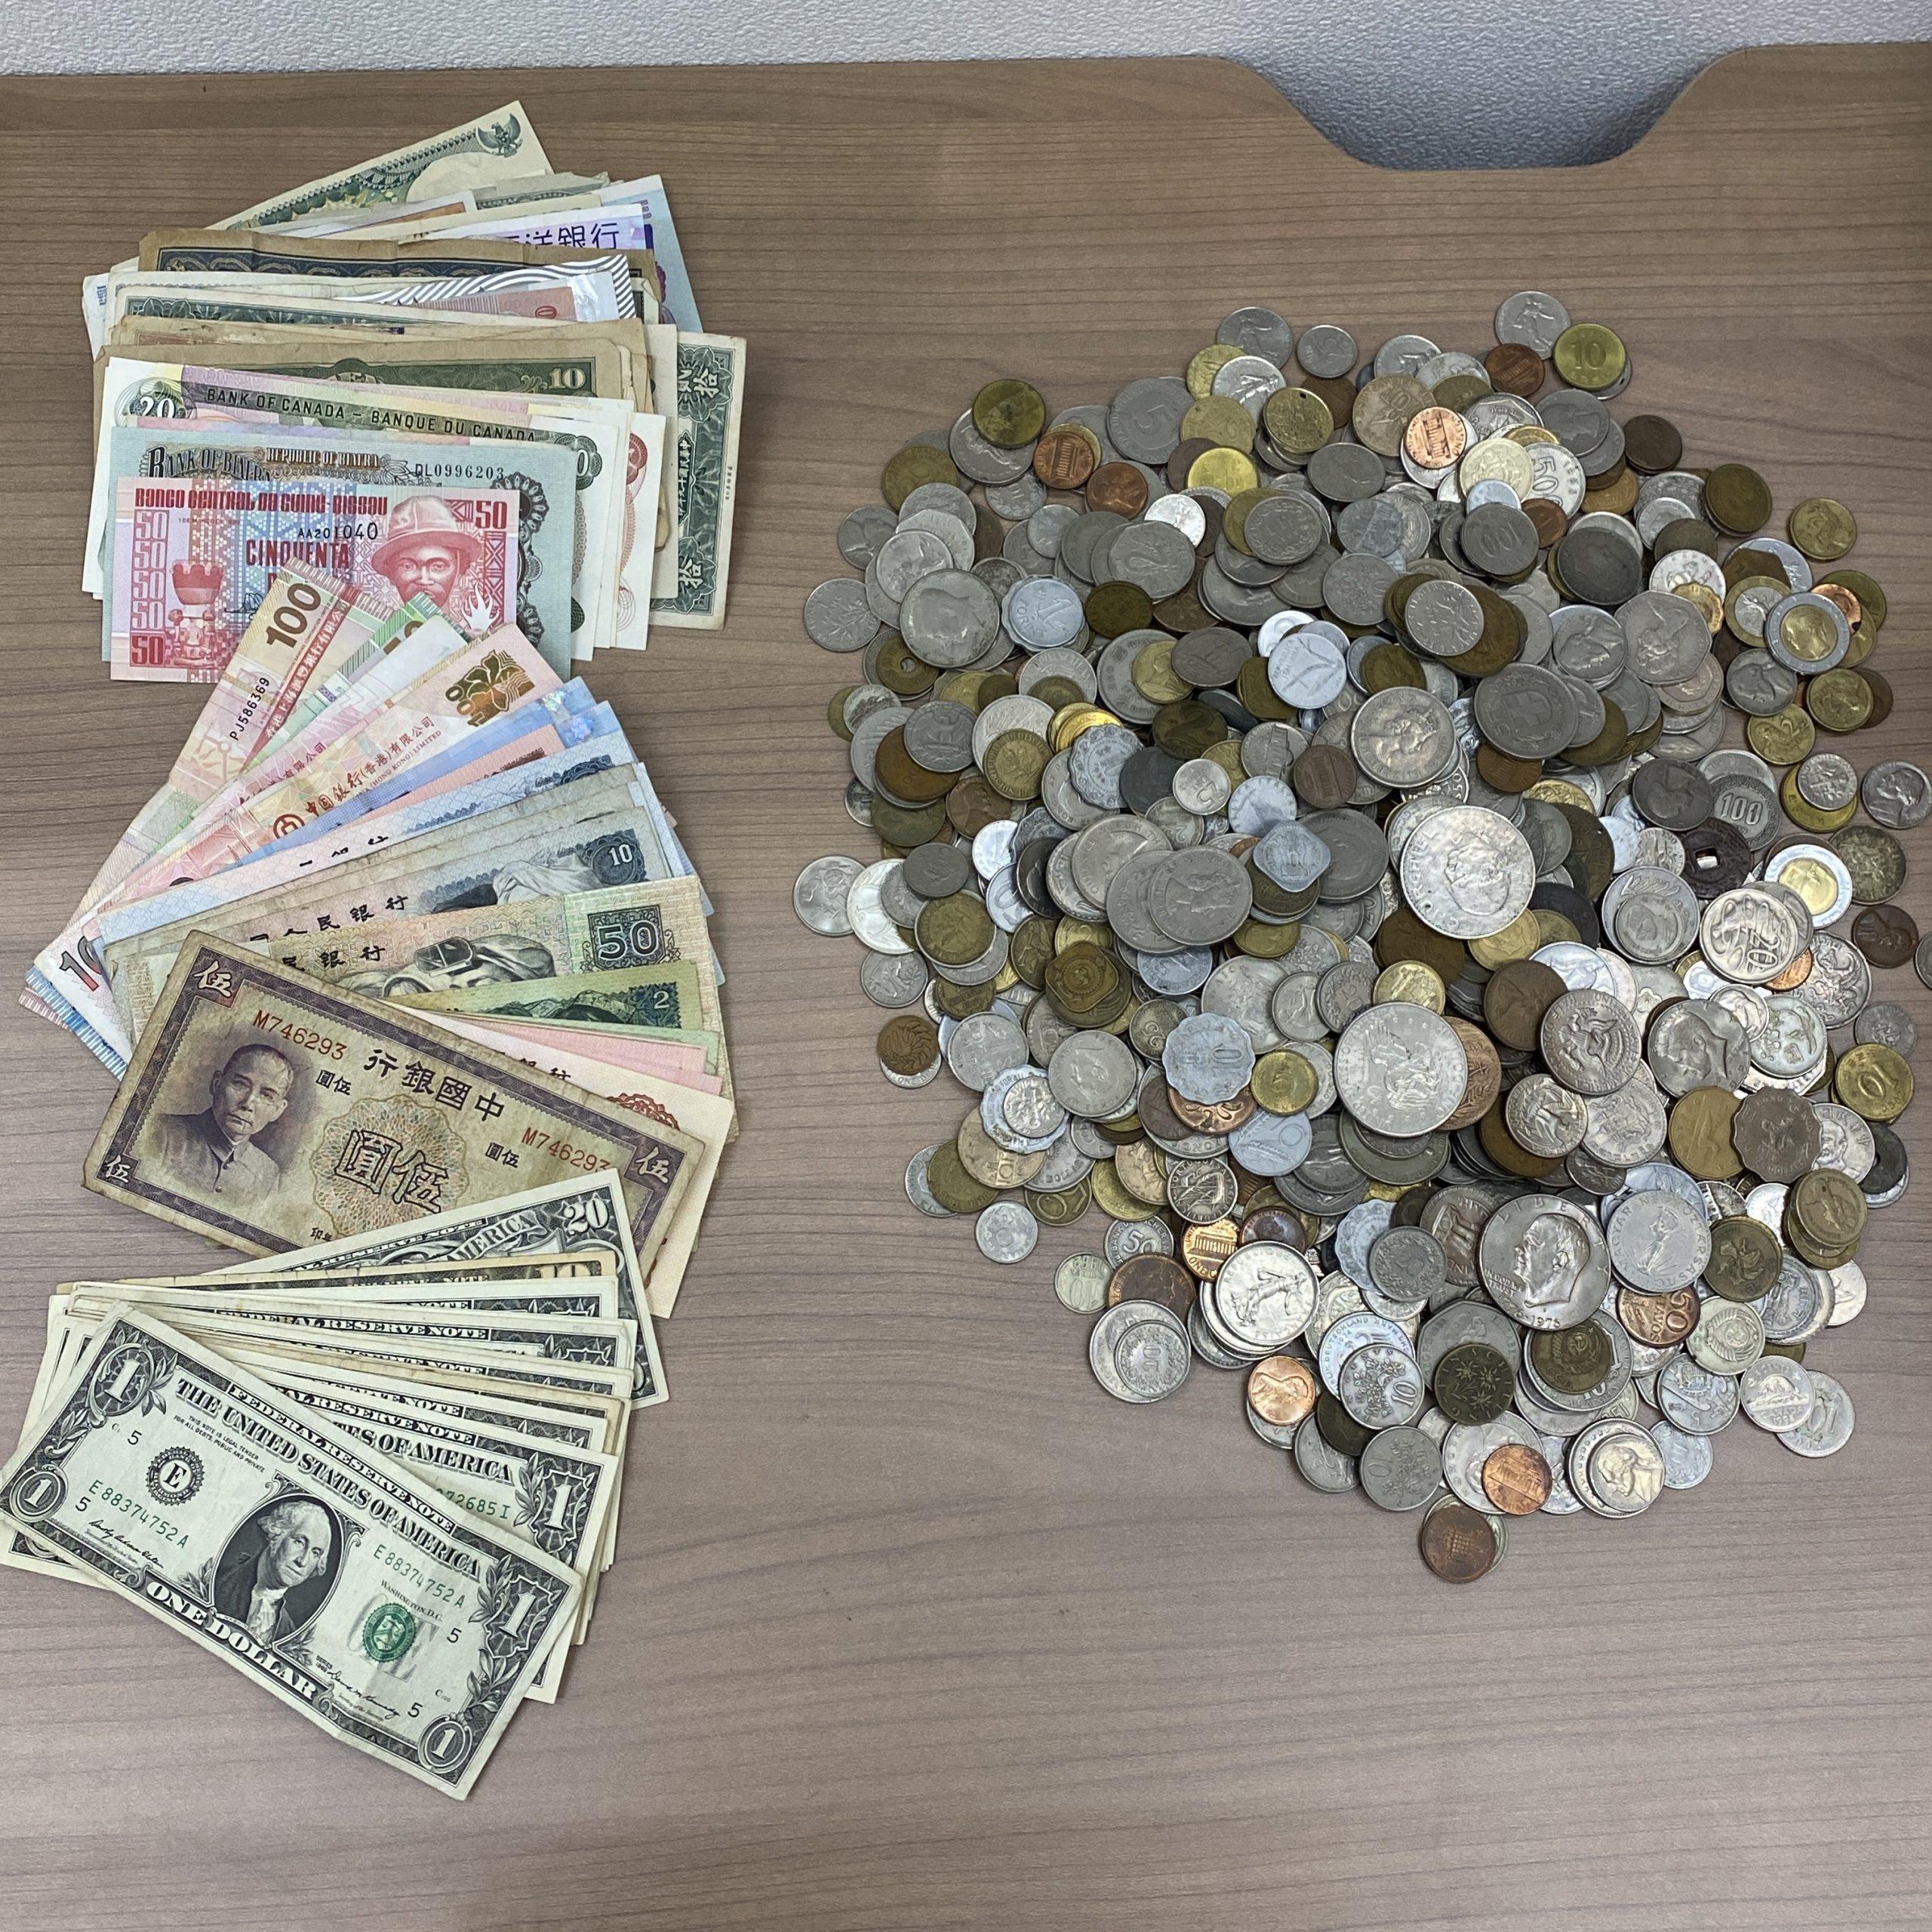 【外国銭おまとめ】硬貨/紙幣 アメリカドル/中国元/韓国ウォンetc